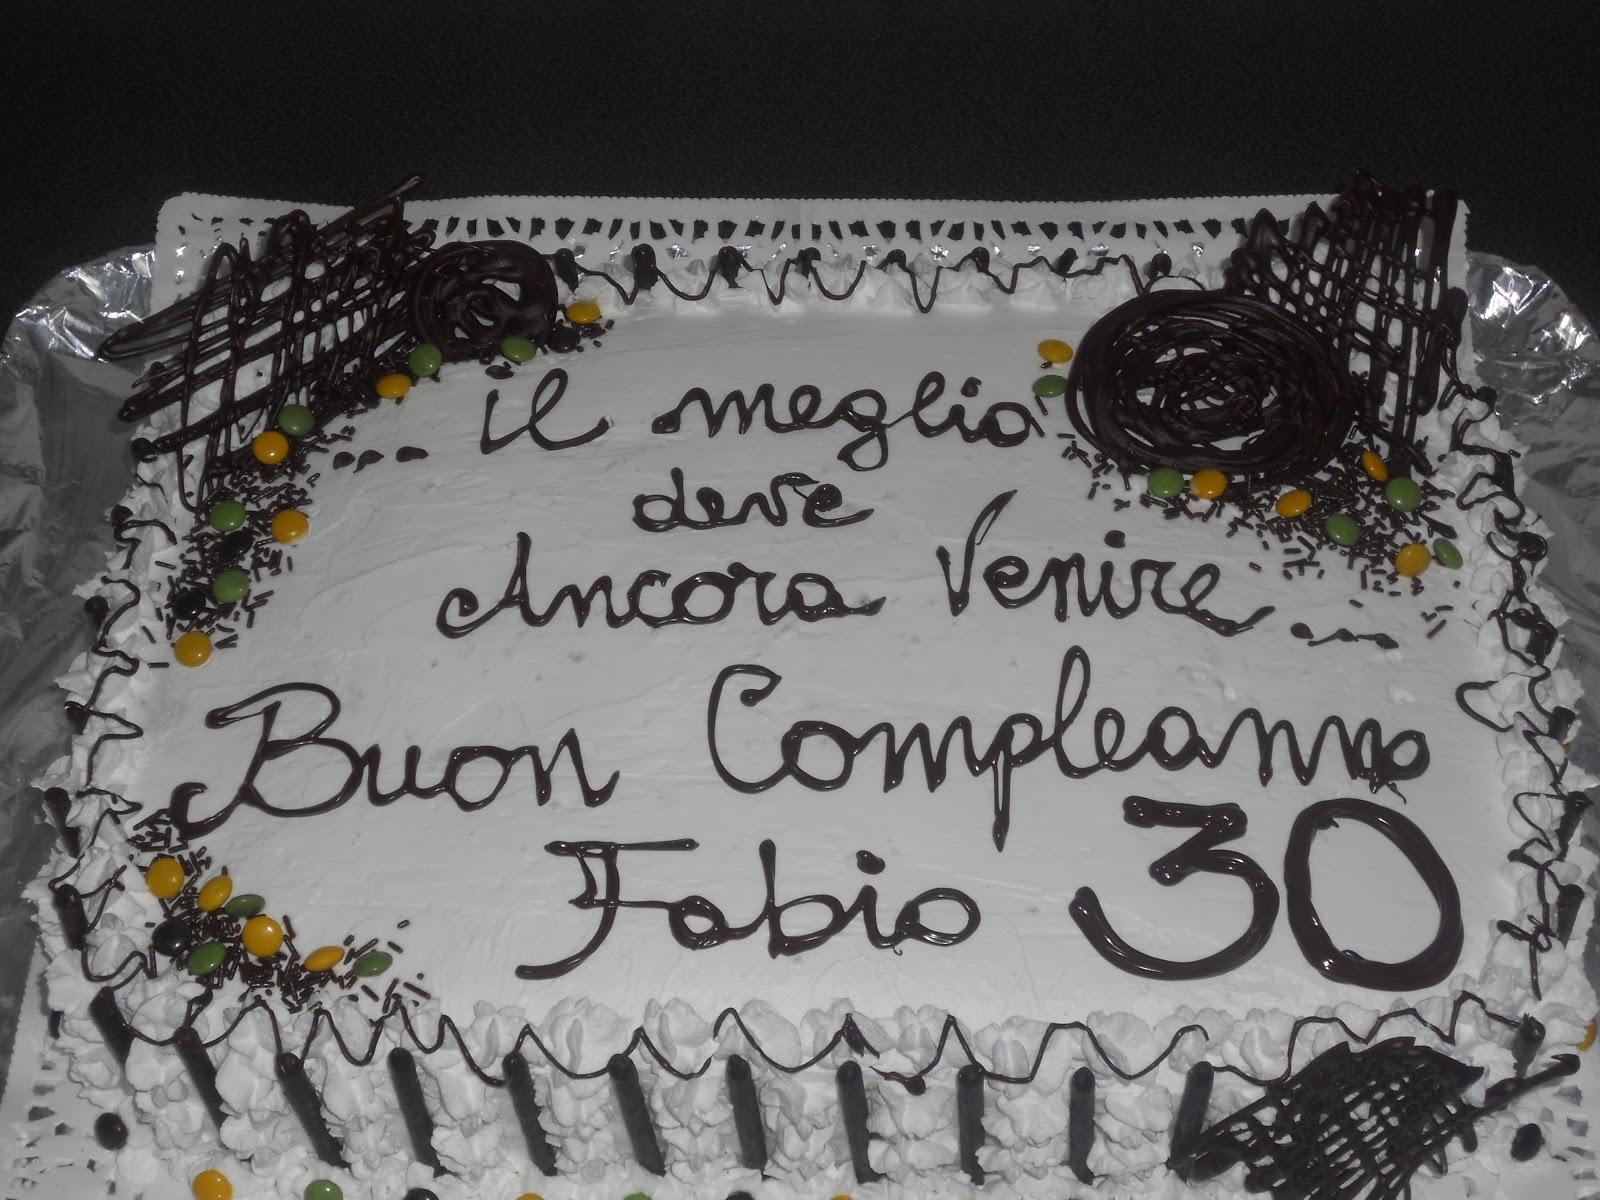 Frasi Sulla Torta Di Compleanno.Frasi Compleanno 30 Anni Torta